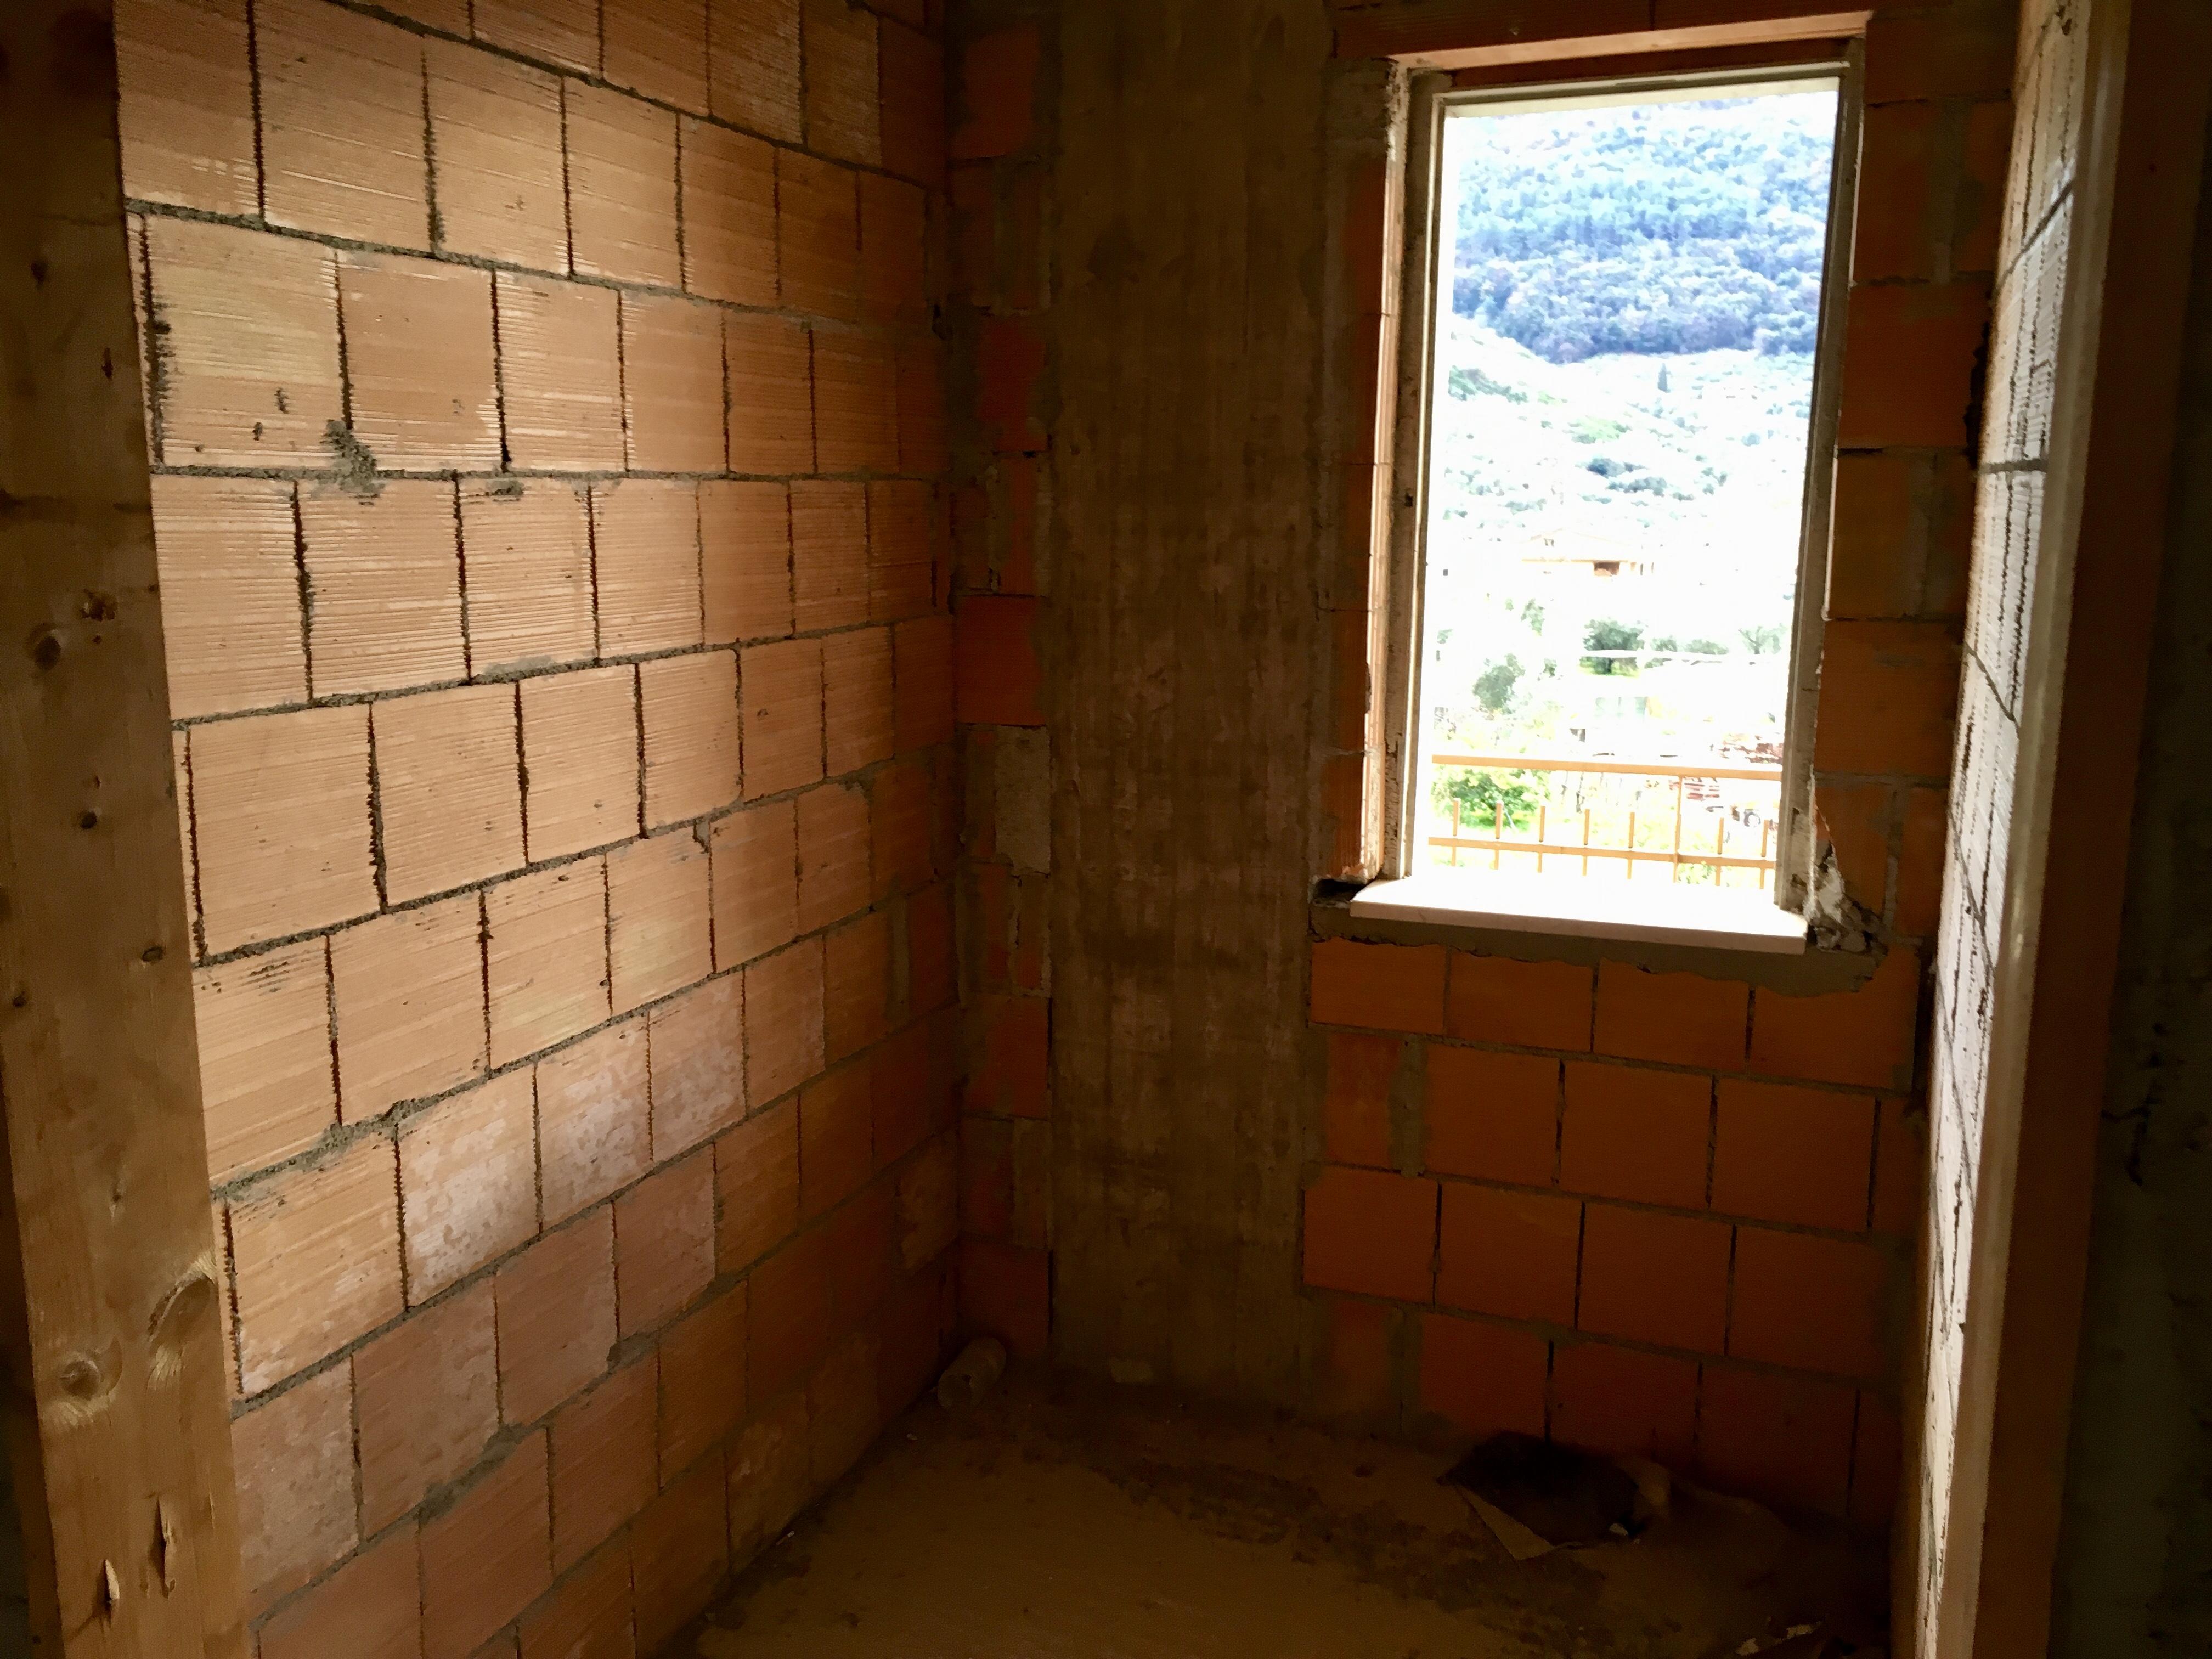 Appartamento nuovo in costruzione stefy immobiliare for Dimensioni finestre velux nuova costruzione